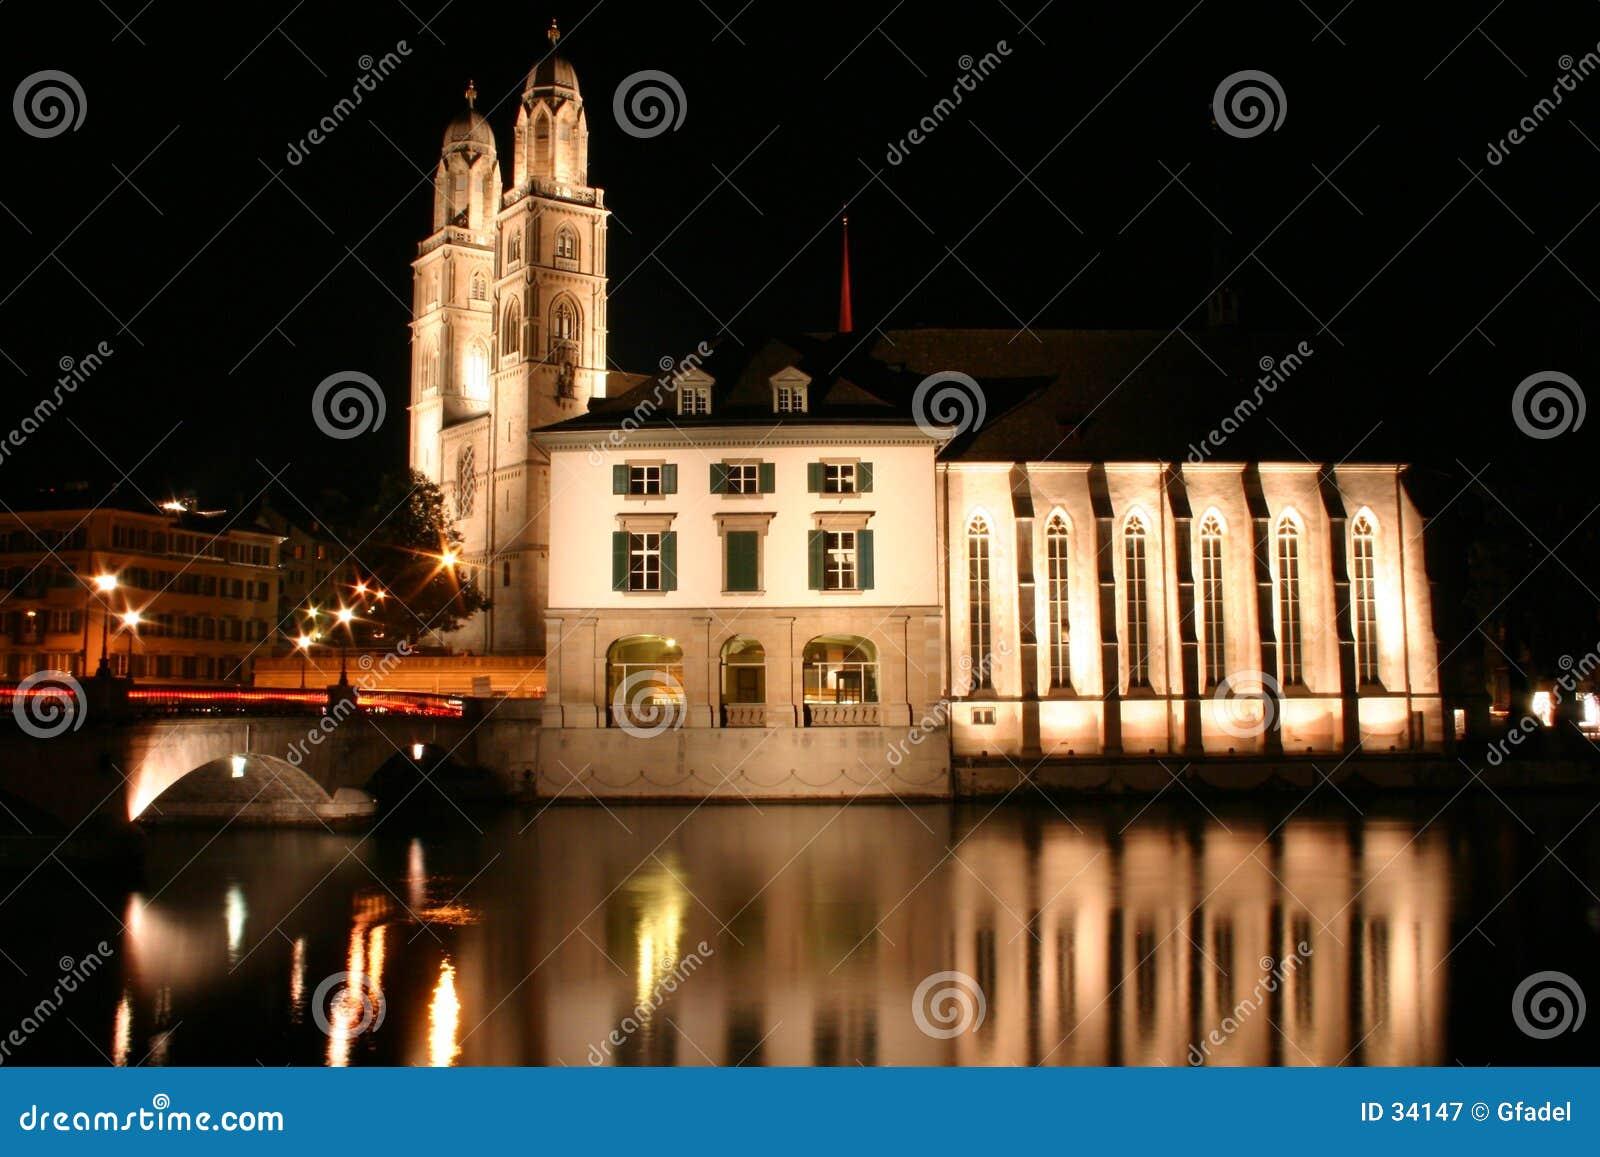 Download Zürich bij nacht stock afbeelding. Afbeelding bestaande uit zürich - 34147